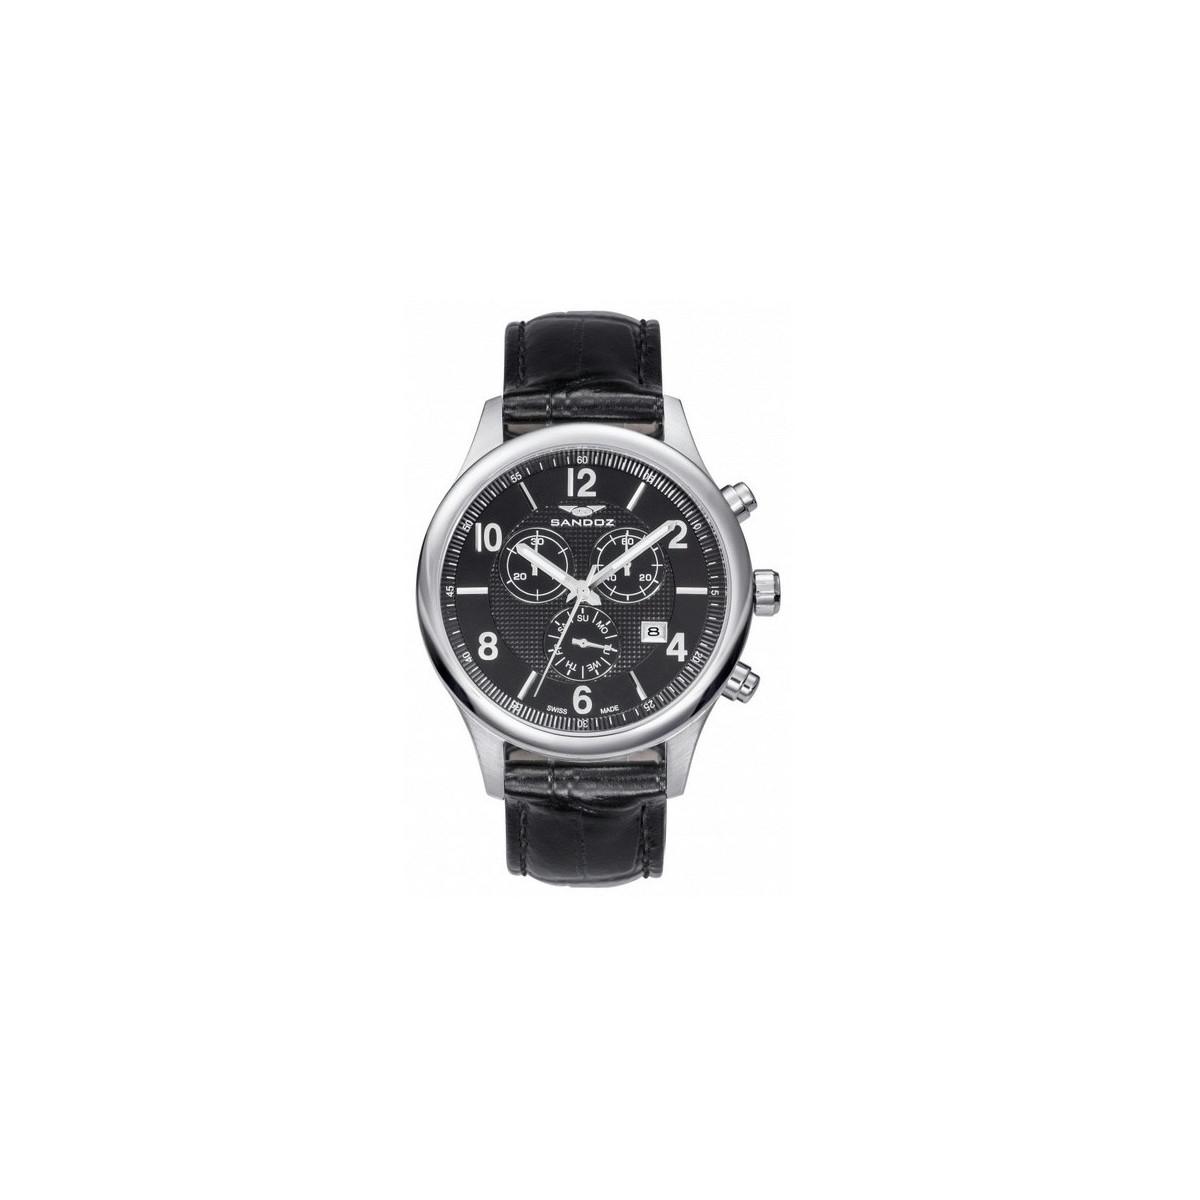 Reloj Sandoz Cronógrafo Acero 81369-55